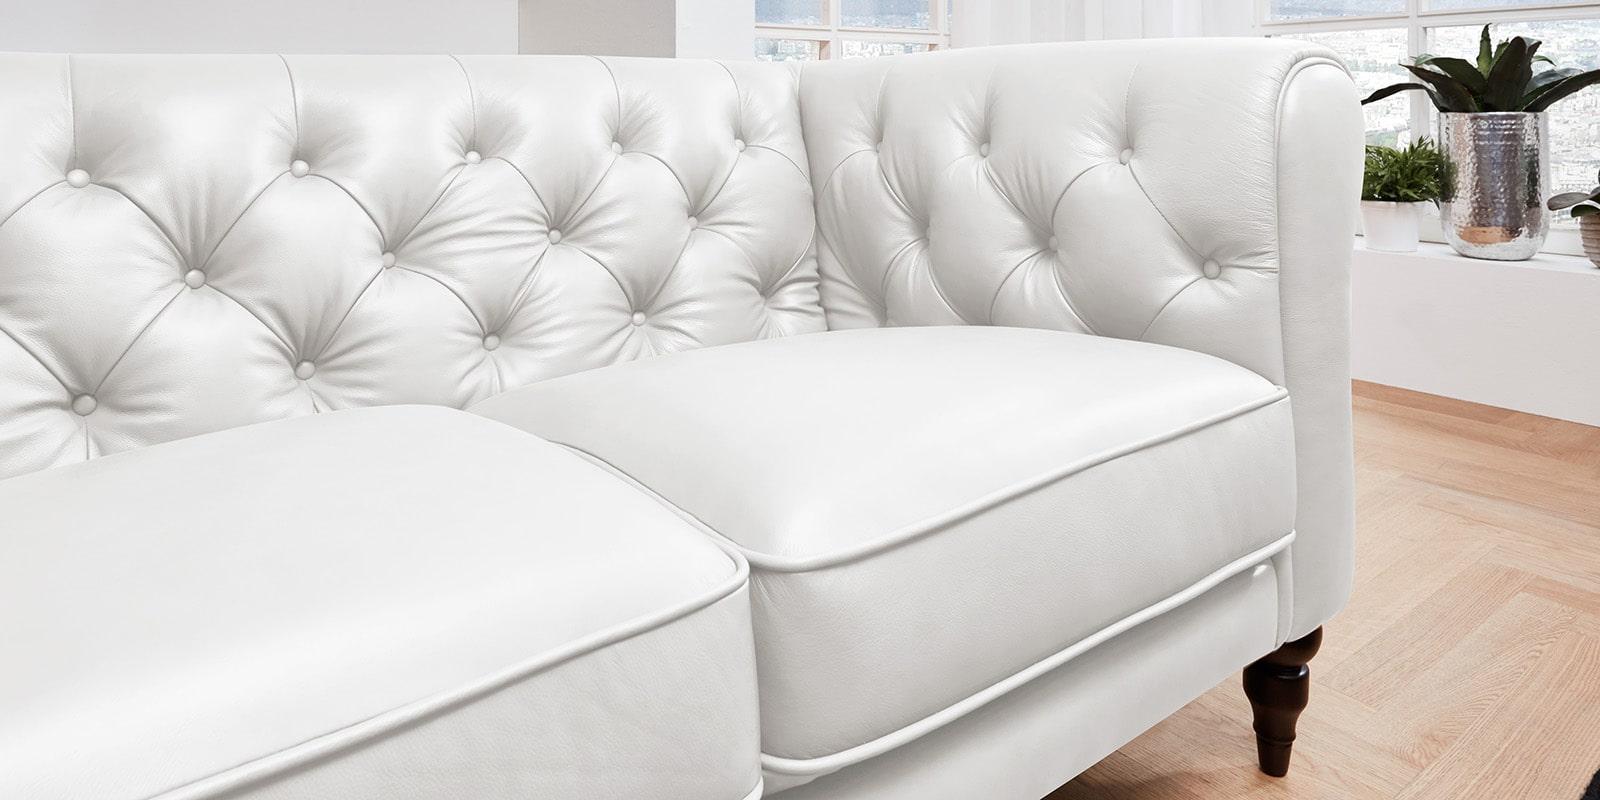 Moebella24 - 3-Sitzer - Sofa - Hudson - Chesterfield - Leder - Weiß - Dekorative - Nähte - und - Versteppungen - Barock-Design - Füße - Detailaufnahme